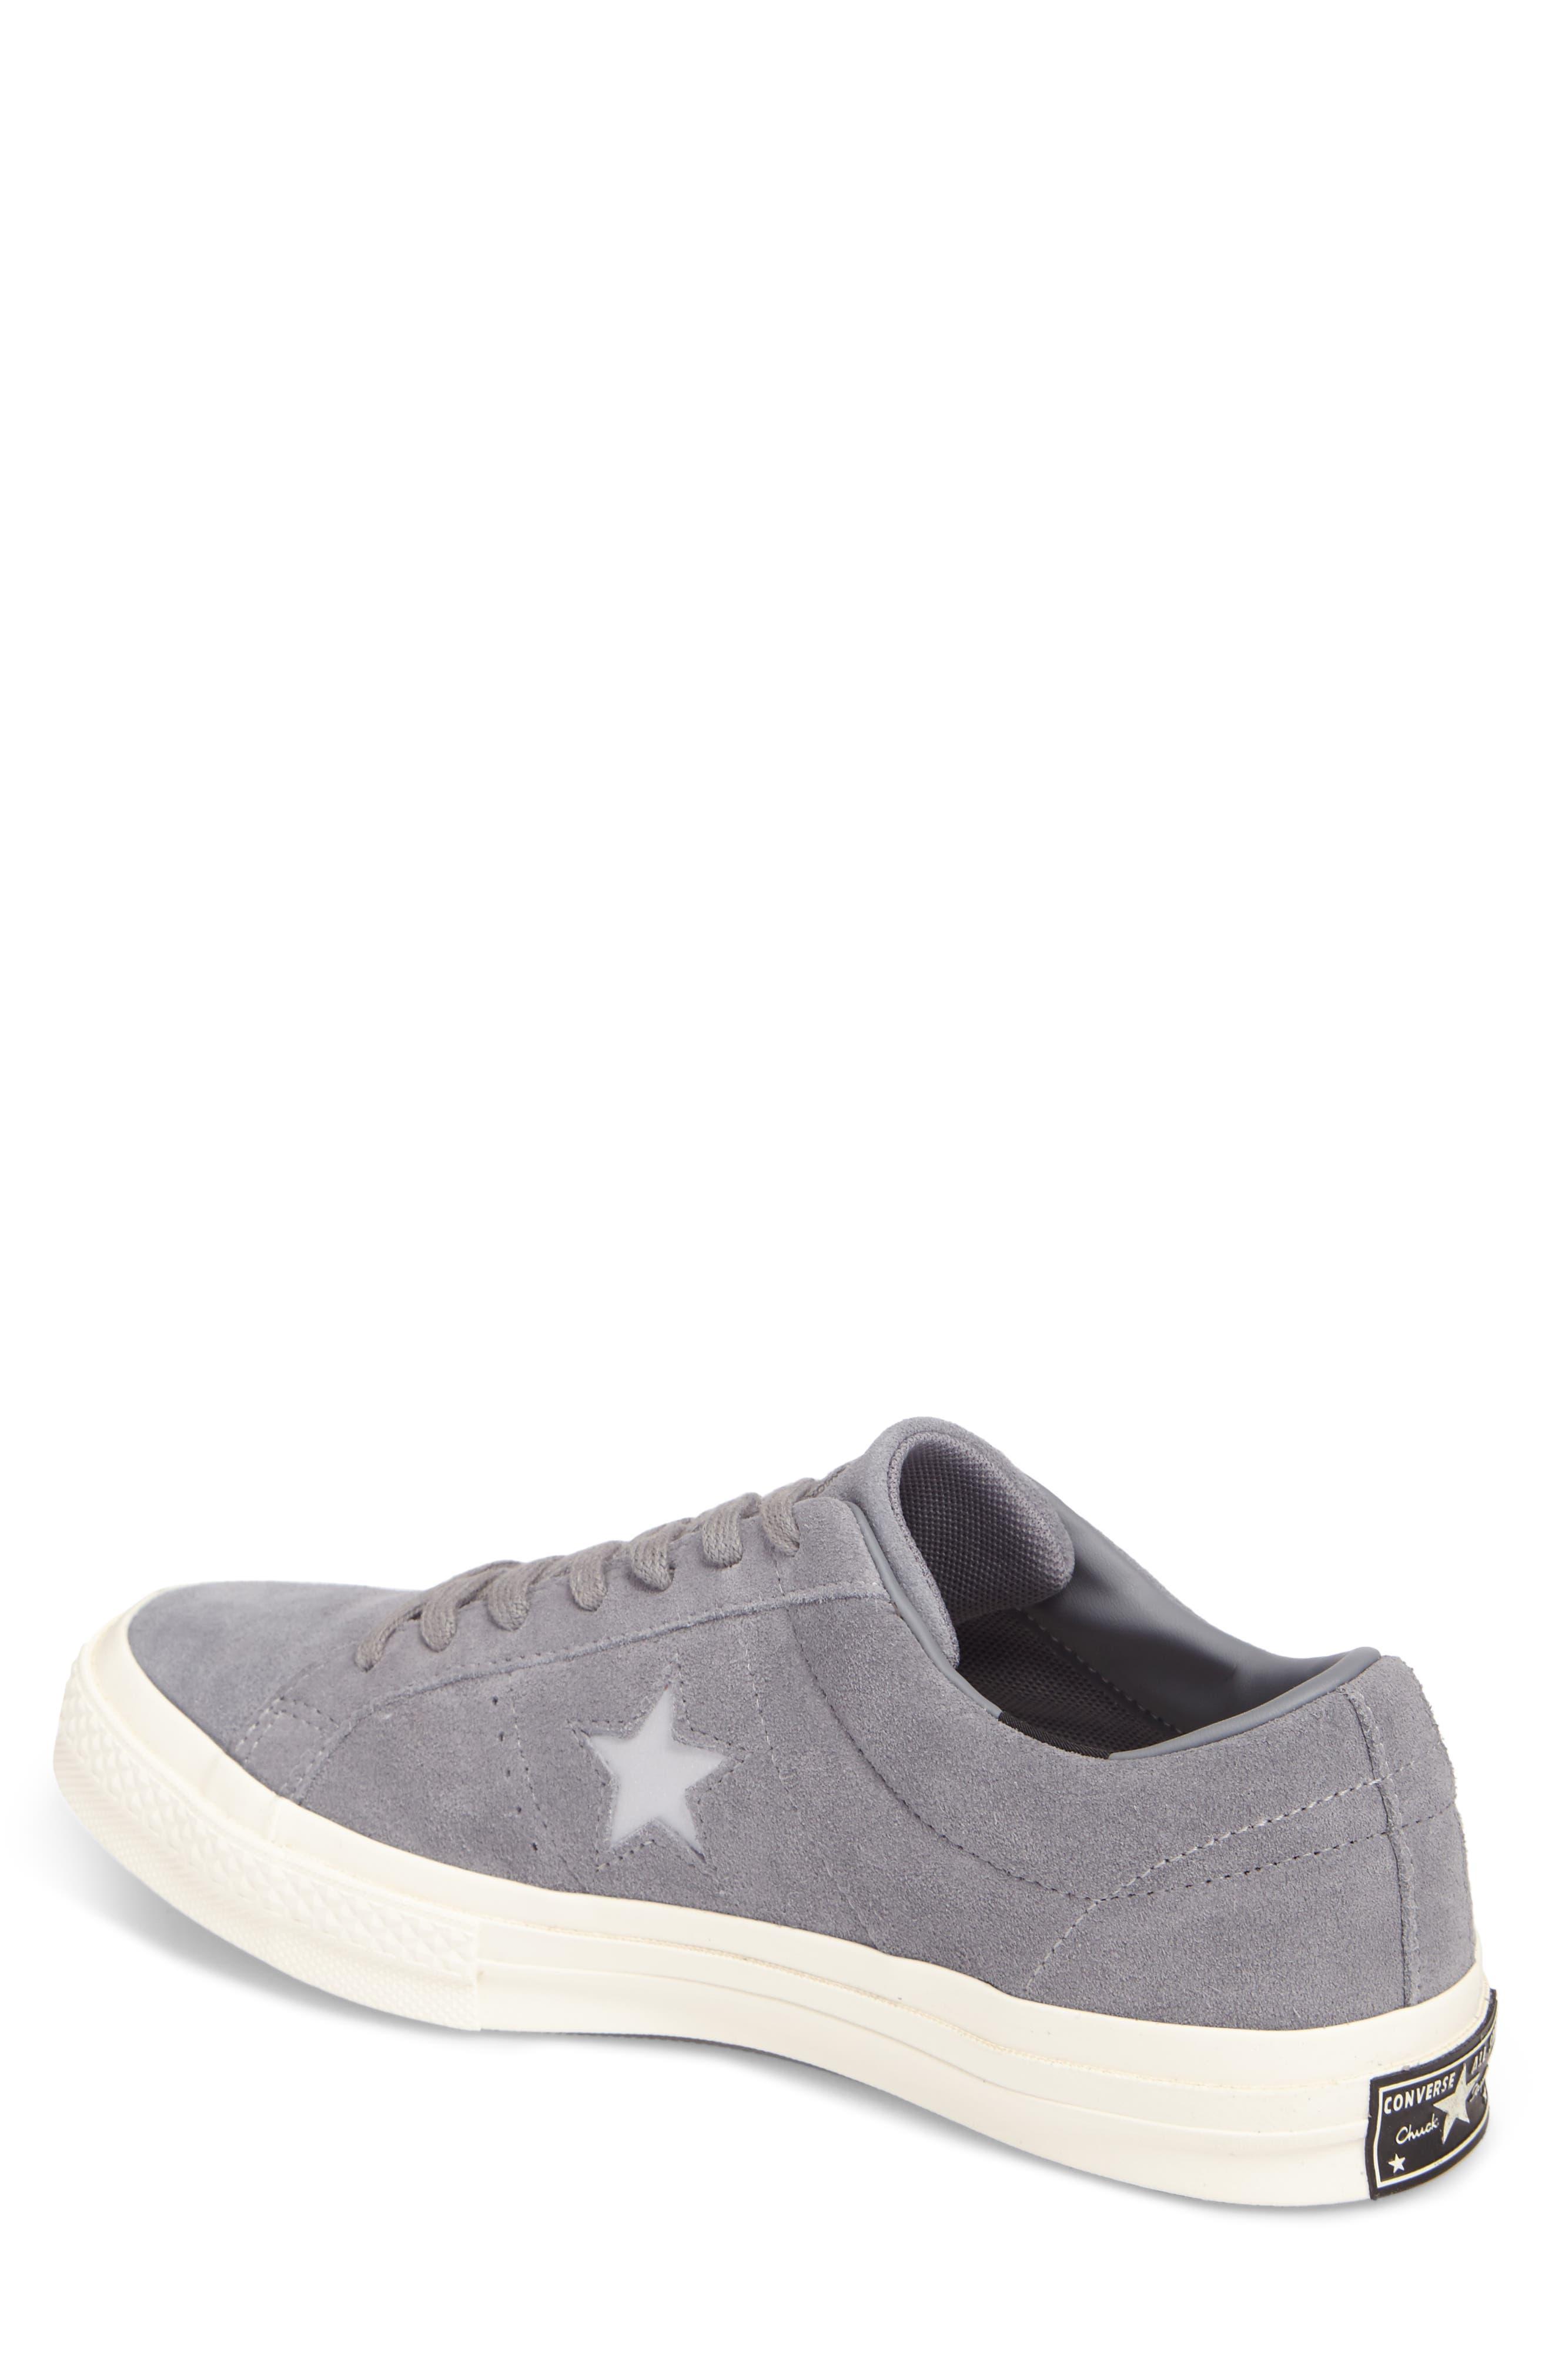 One Star Sneaker,                             Alternate thumbnail 5, color,